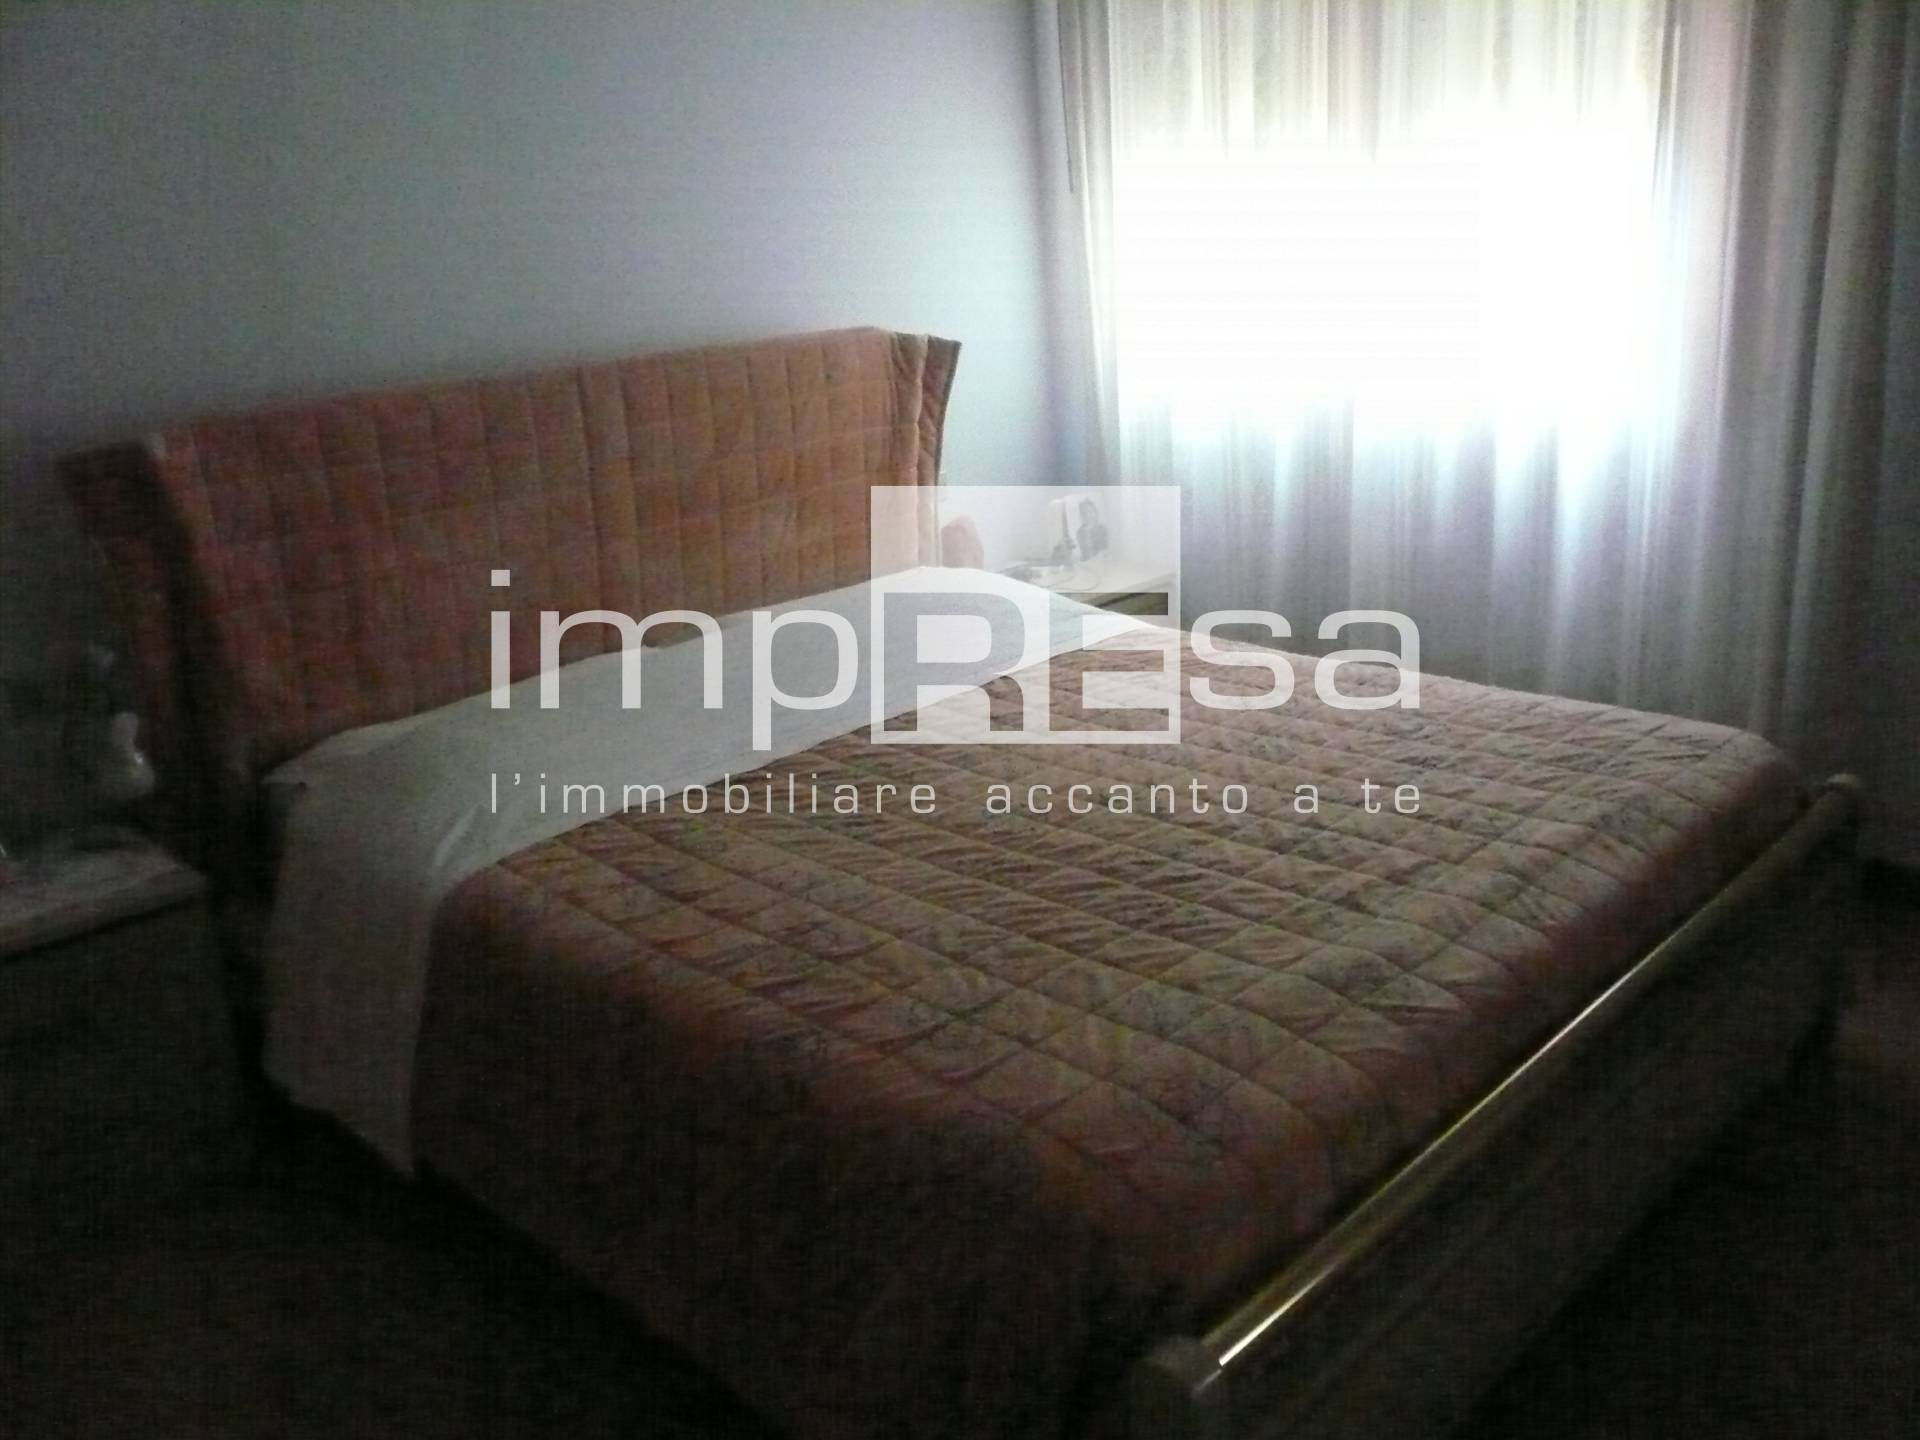 Appartamento in vendita a Silea, 2 locali, zona ago, prezzo € 75.000 | PortaleAgenzieImmobiliari.it